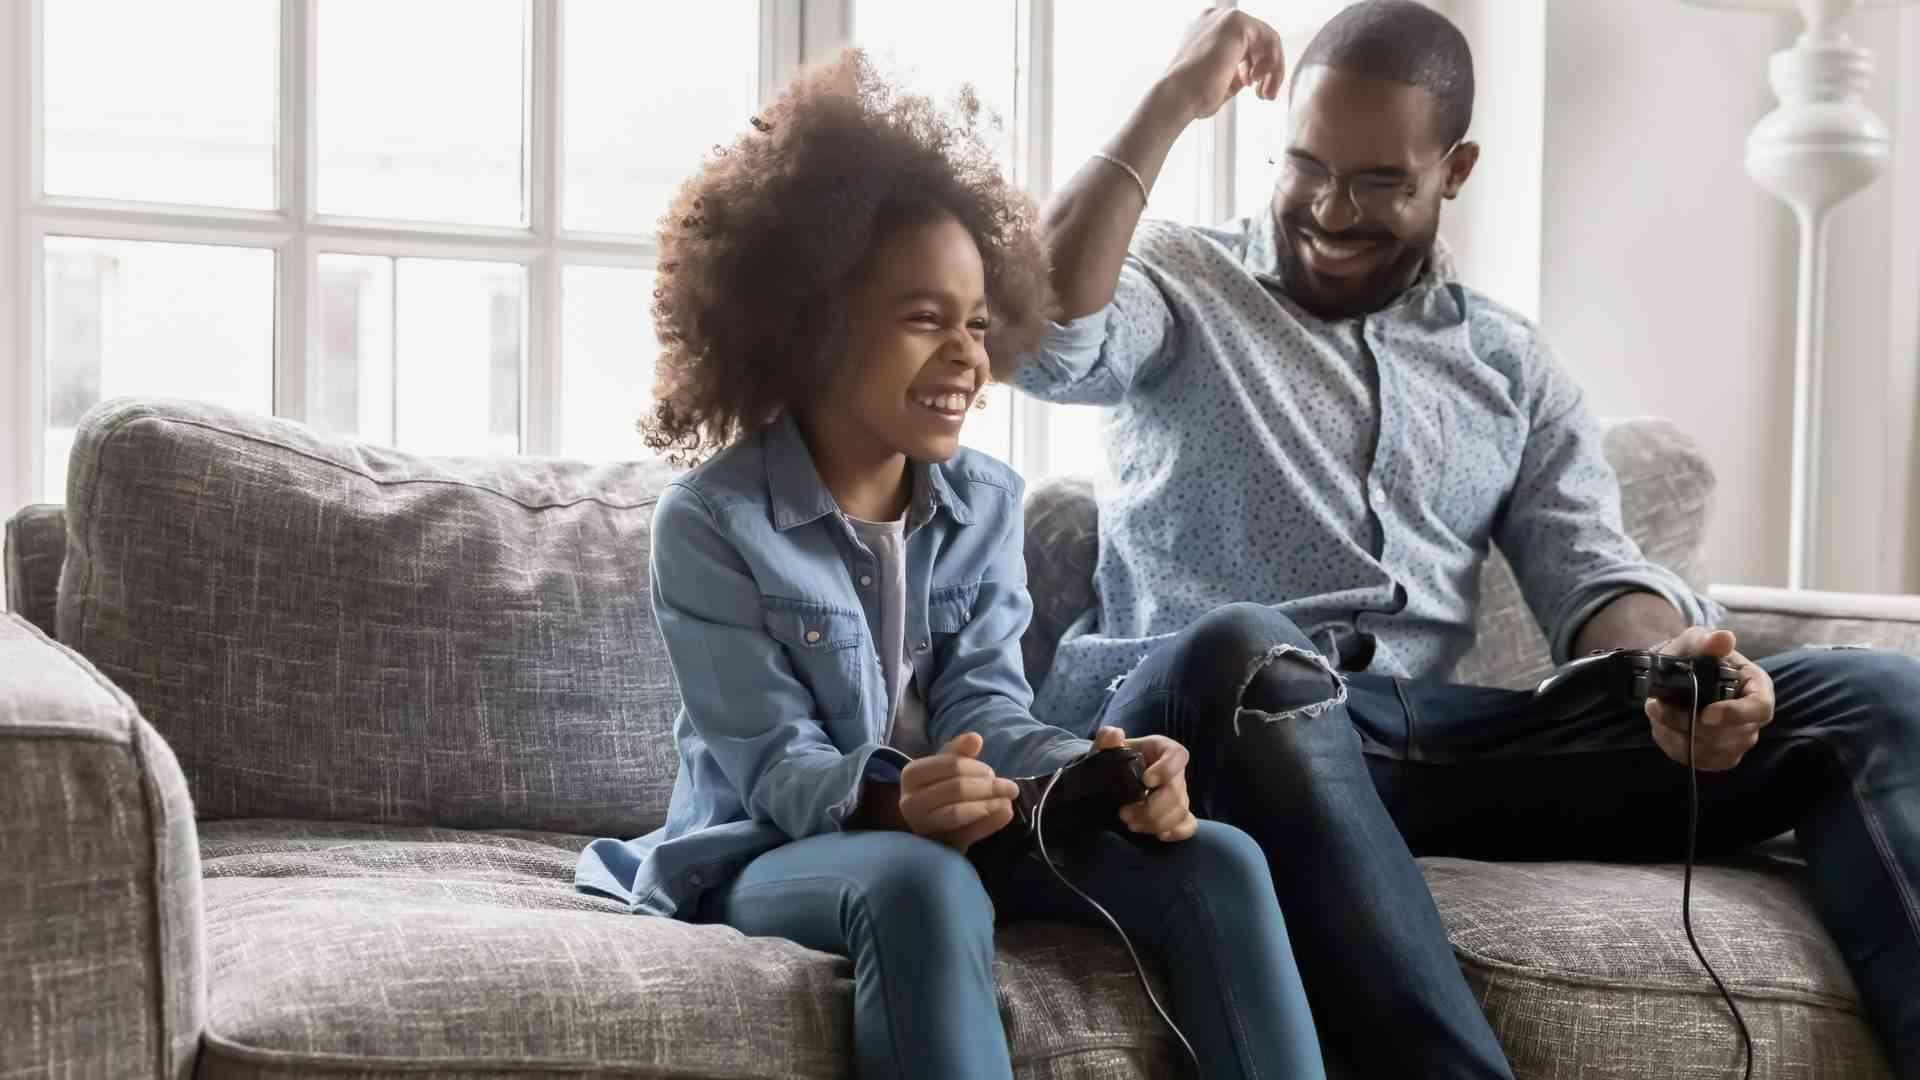 Homem e menina negros jogando videogame e comemorando